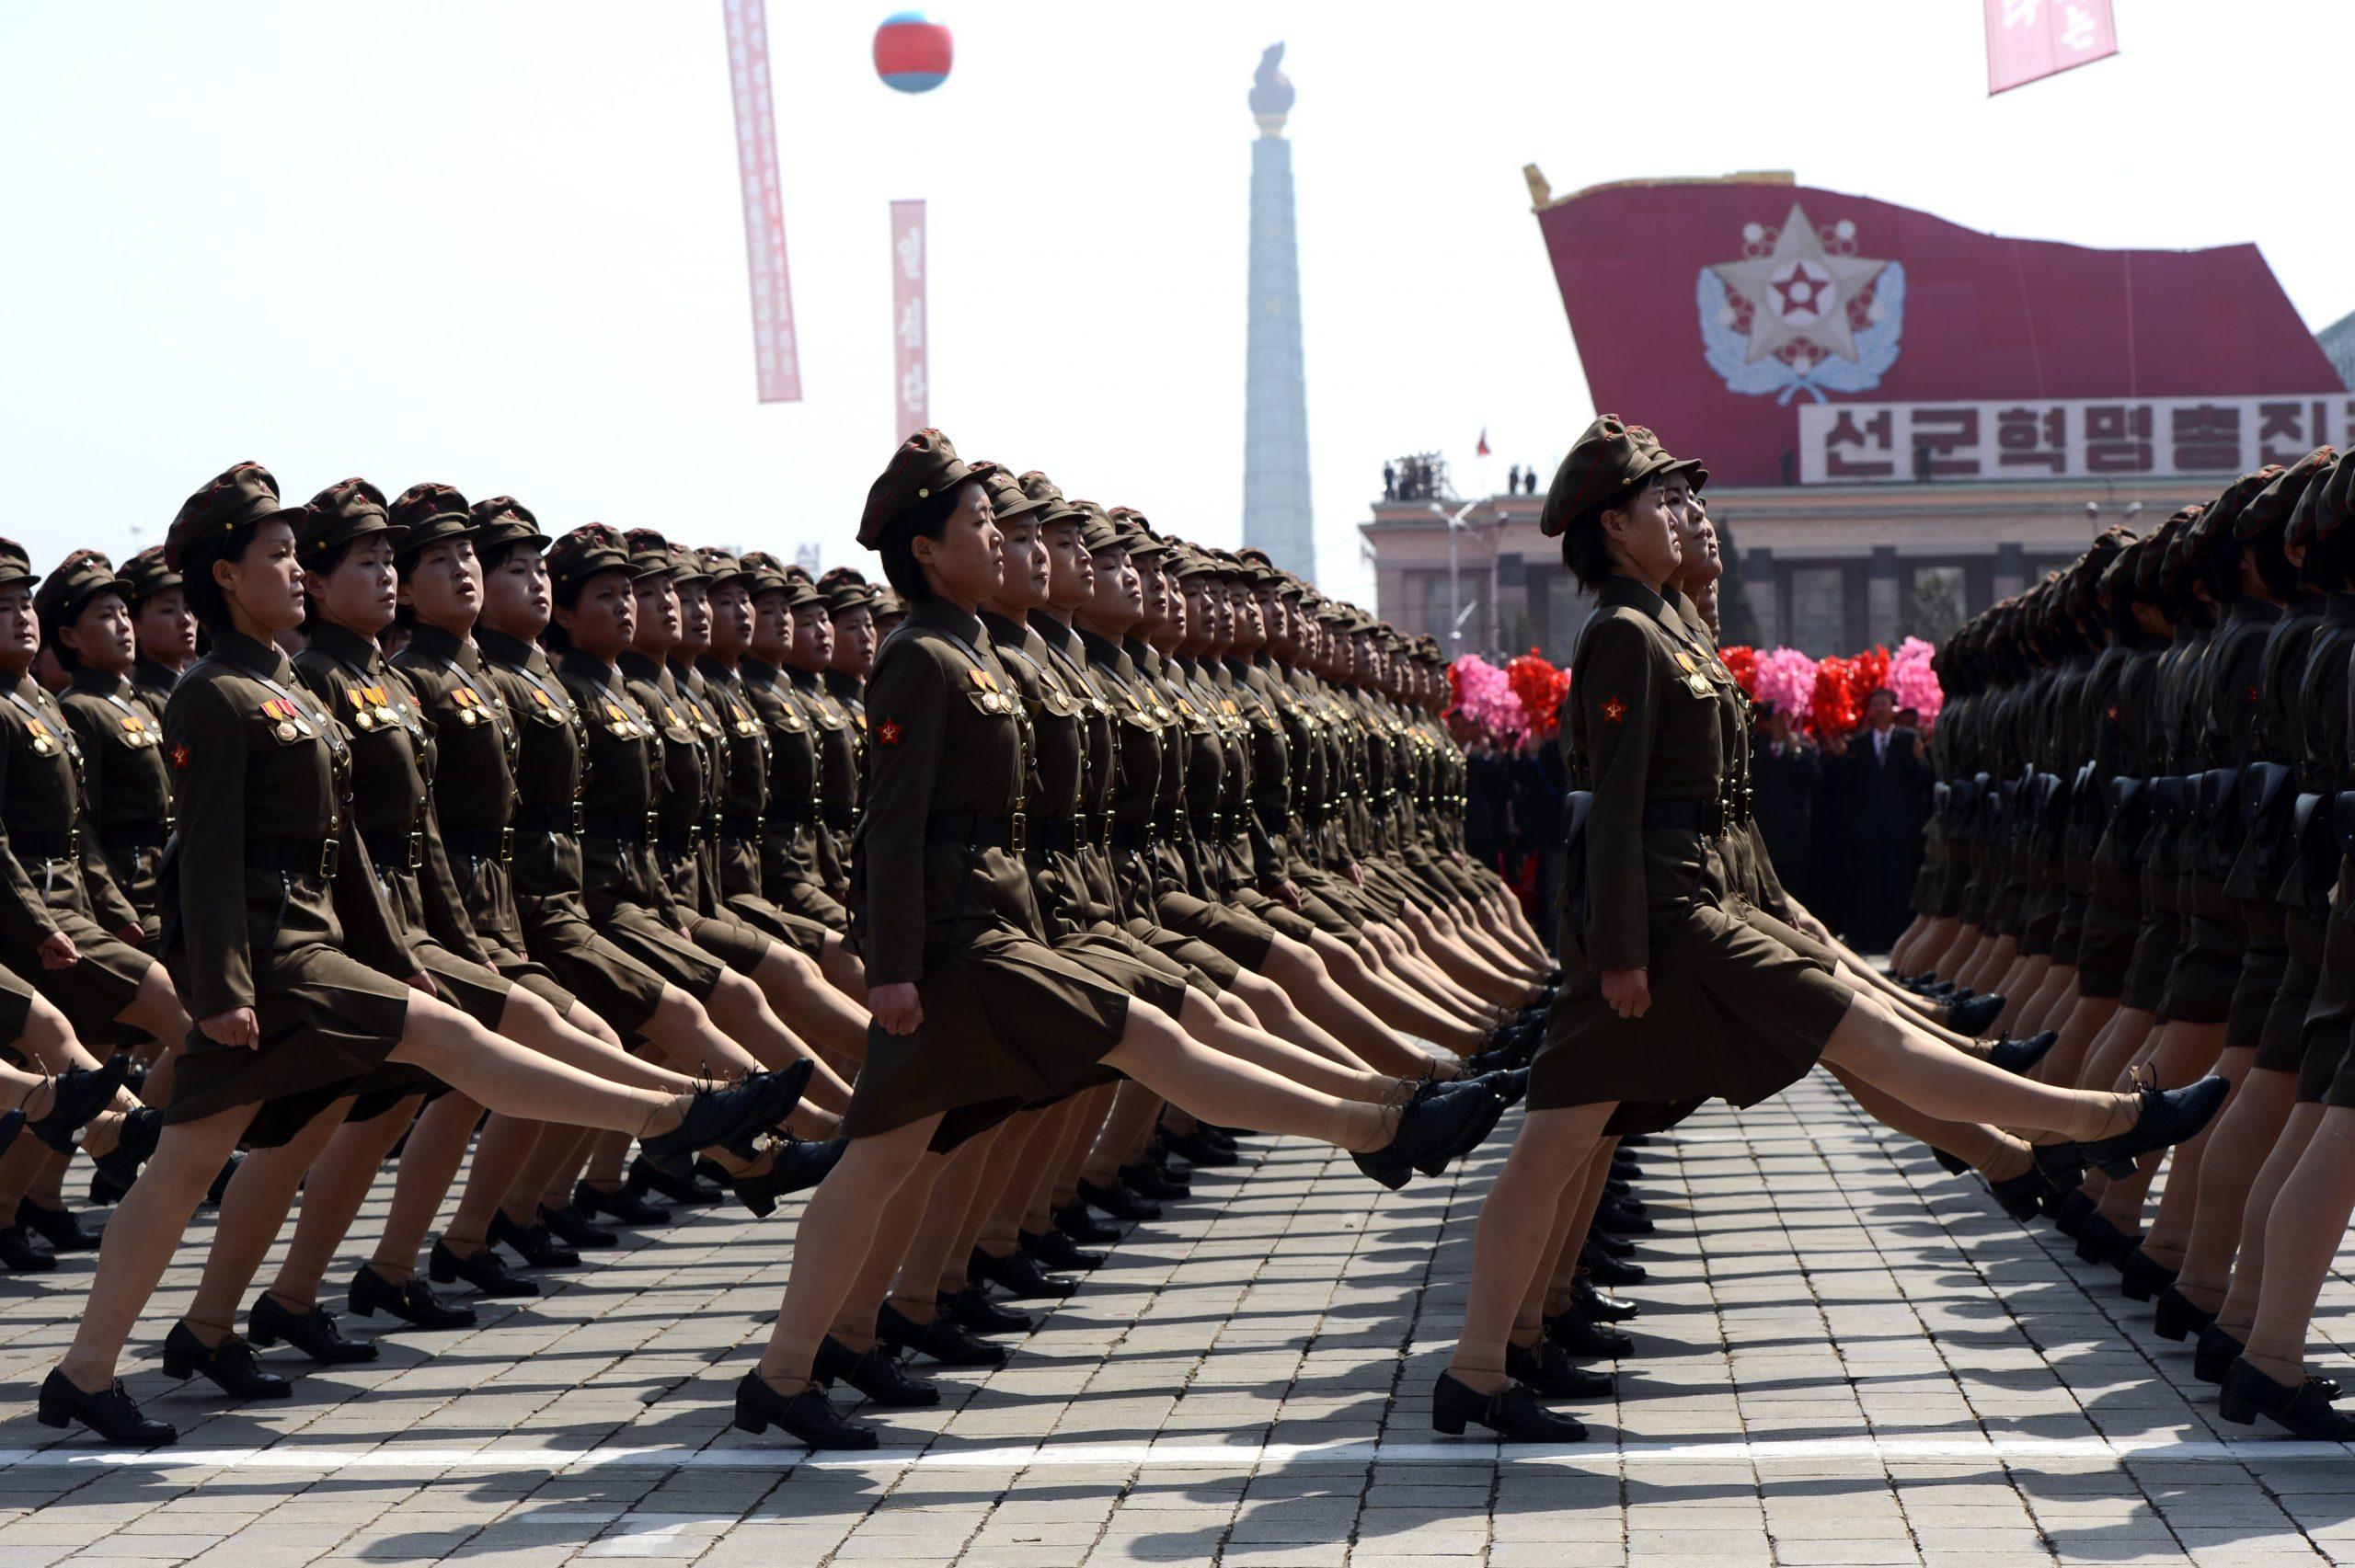 Corea Democrática firme frente a EEUU Por Denis Lukyanov | Sputnik, Rusia